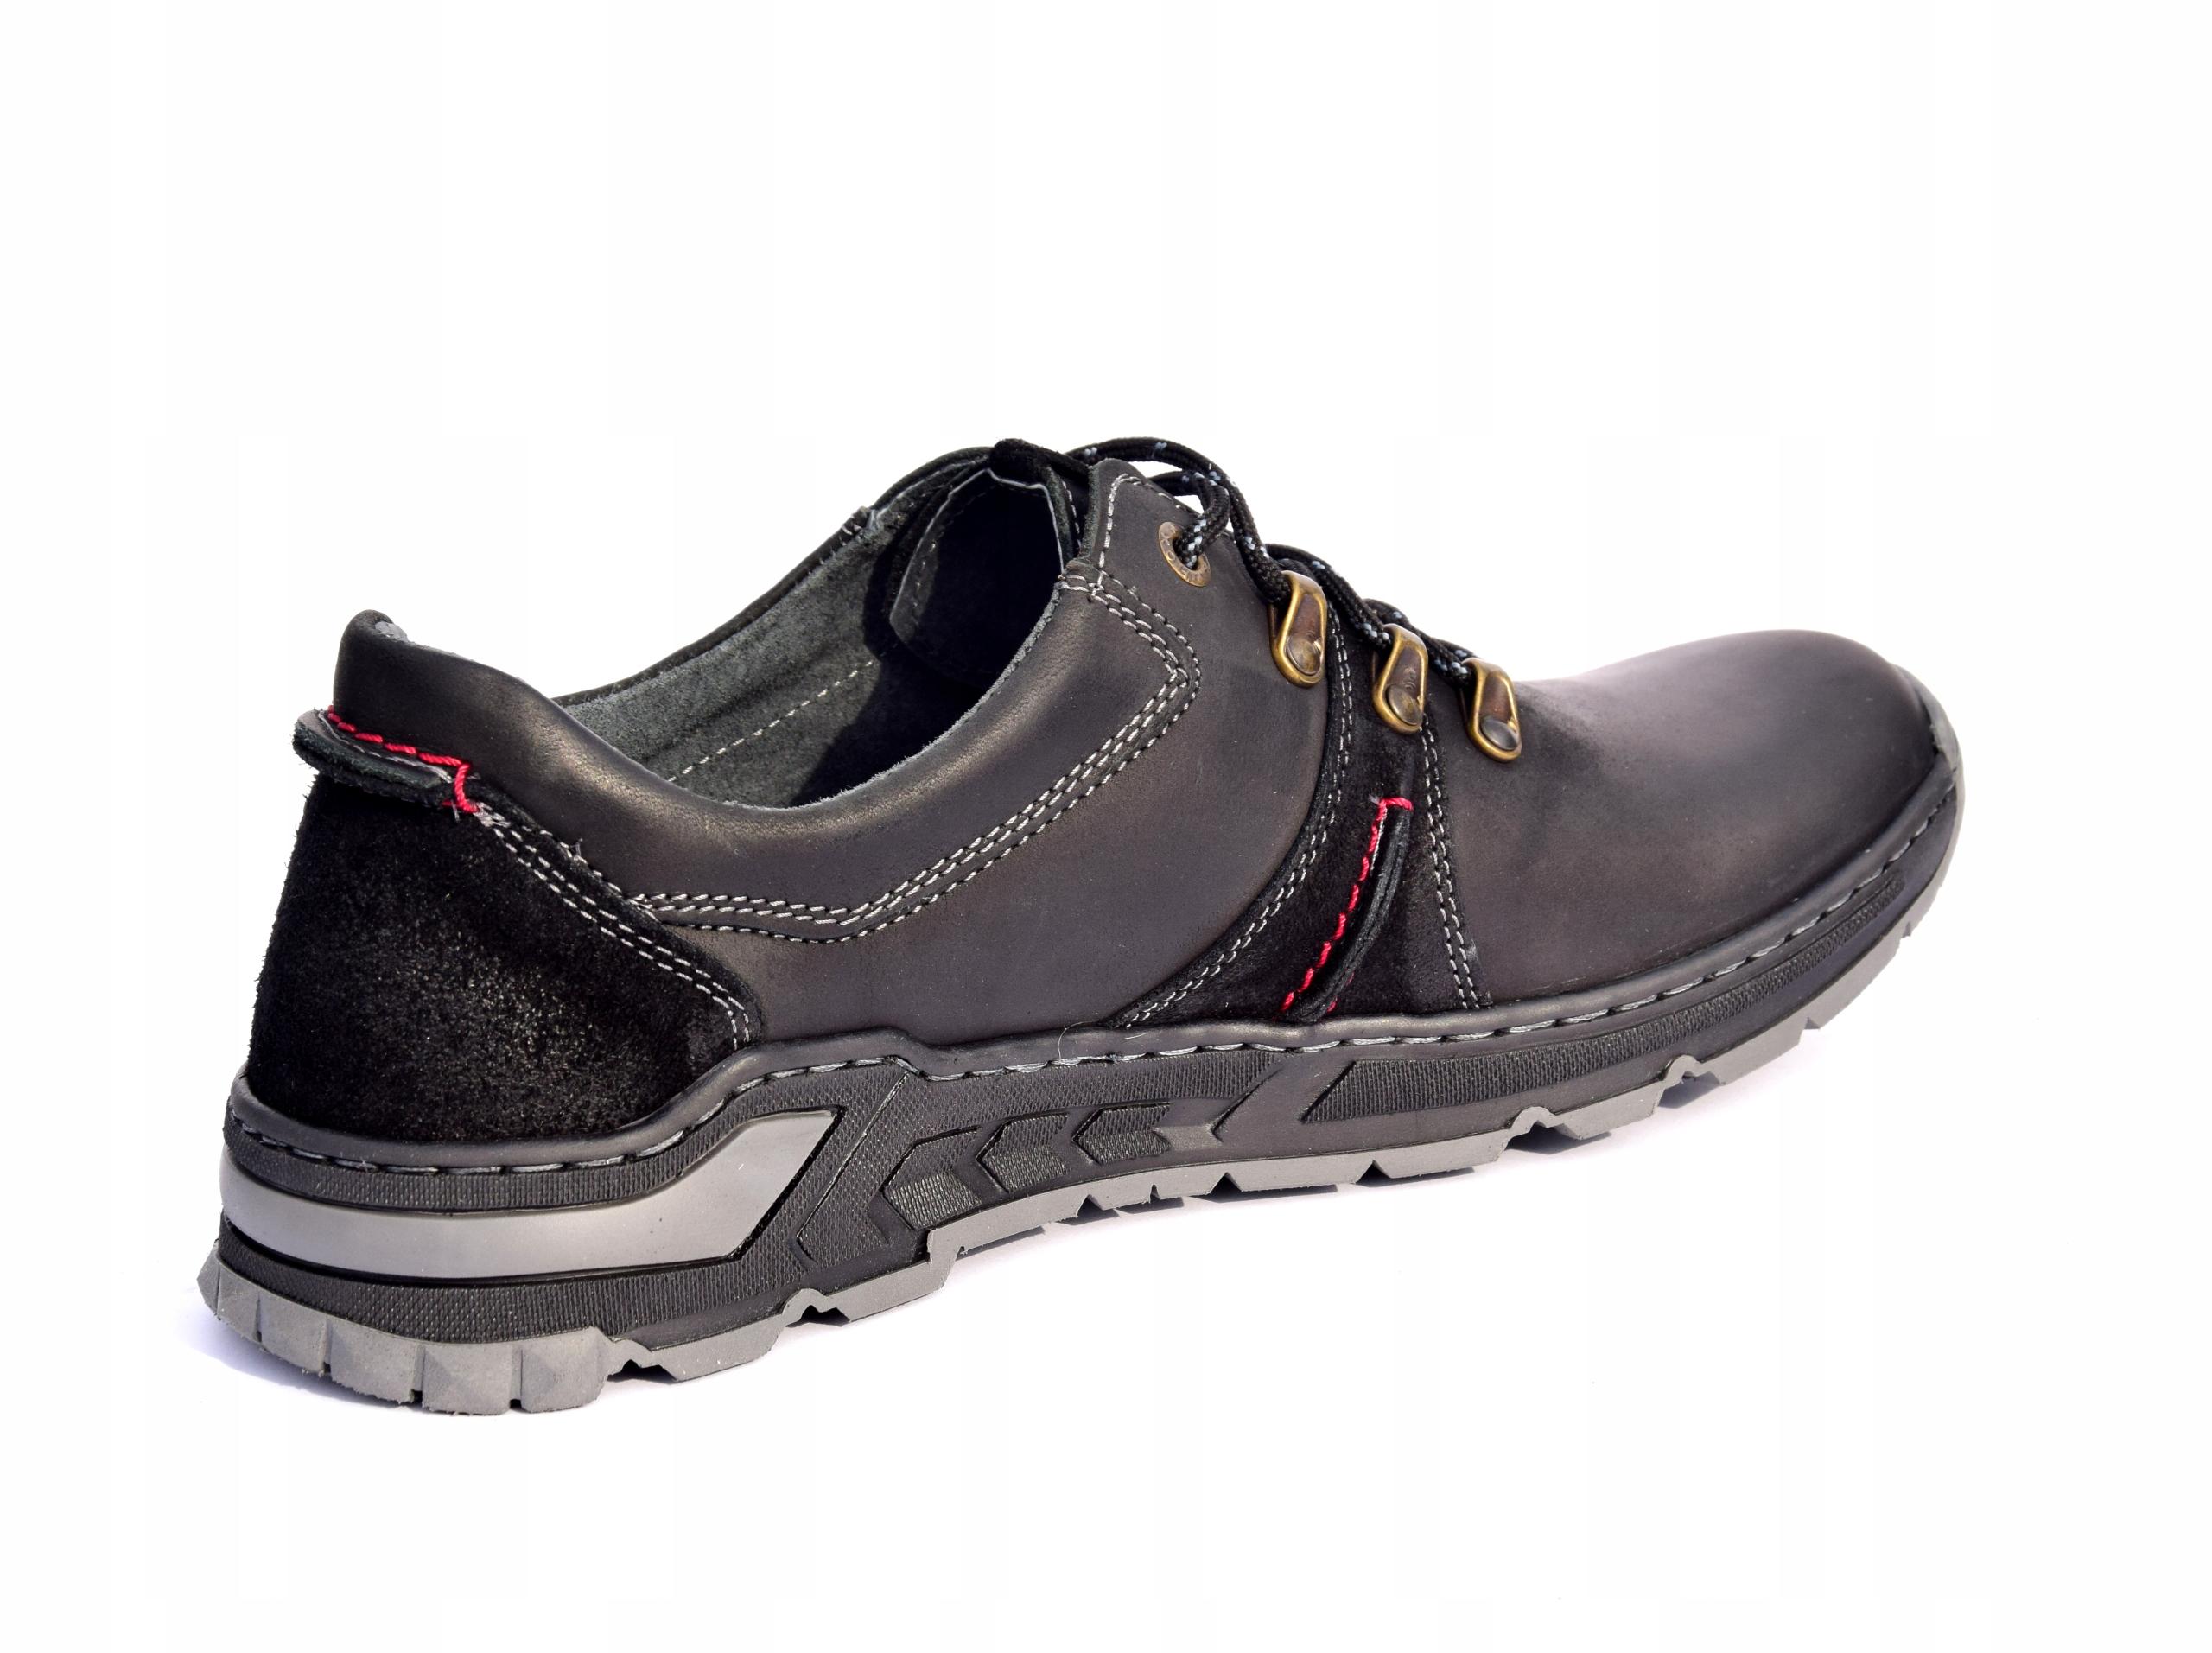 Półbuty trekkingowe obuwie skórzane polskie 0242 Długość wkładki 30 cm